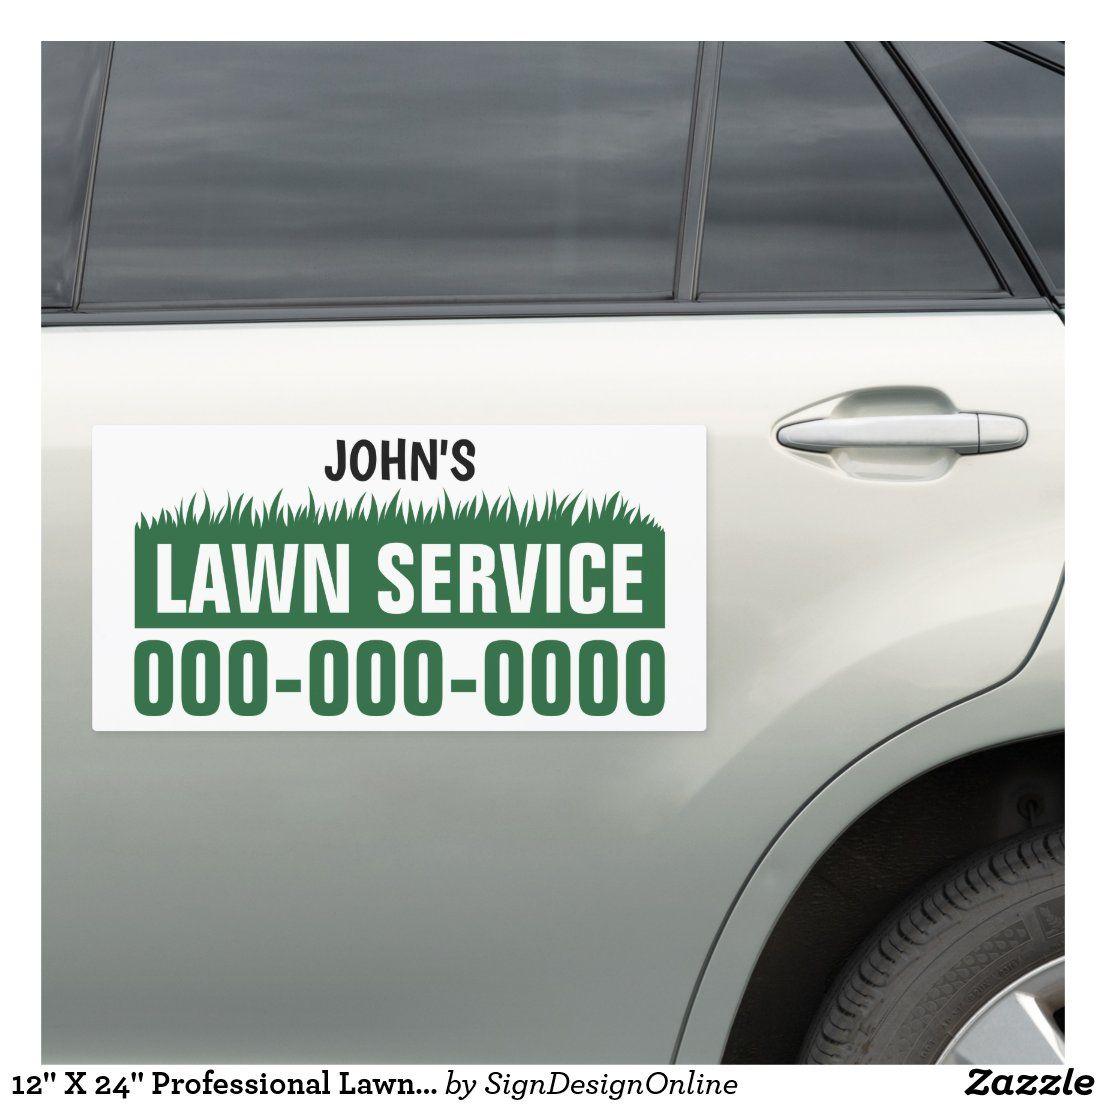 12 X 24 Professional Lawn Service Car Magnet Zazzle Com Lawn Service Lawn Care Business Cards Lawn Care Business [ 1106 x 1106 Pixel ]